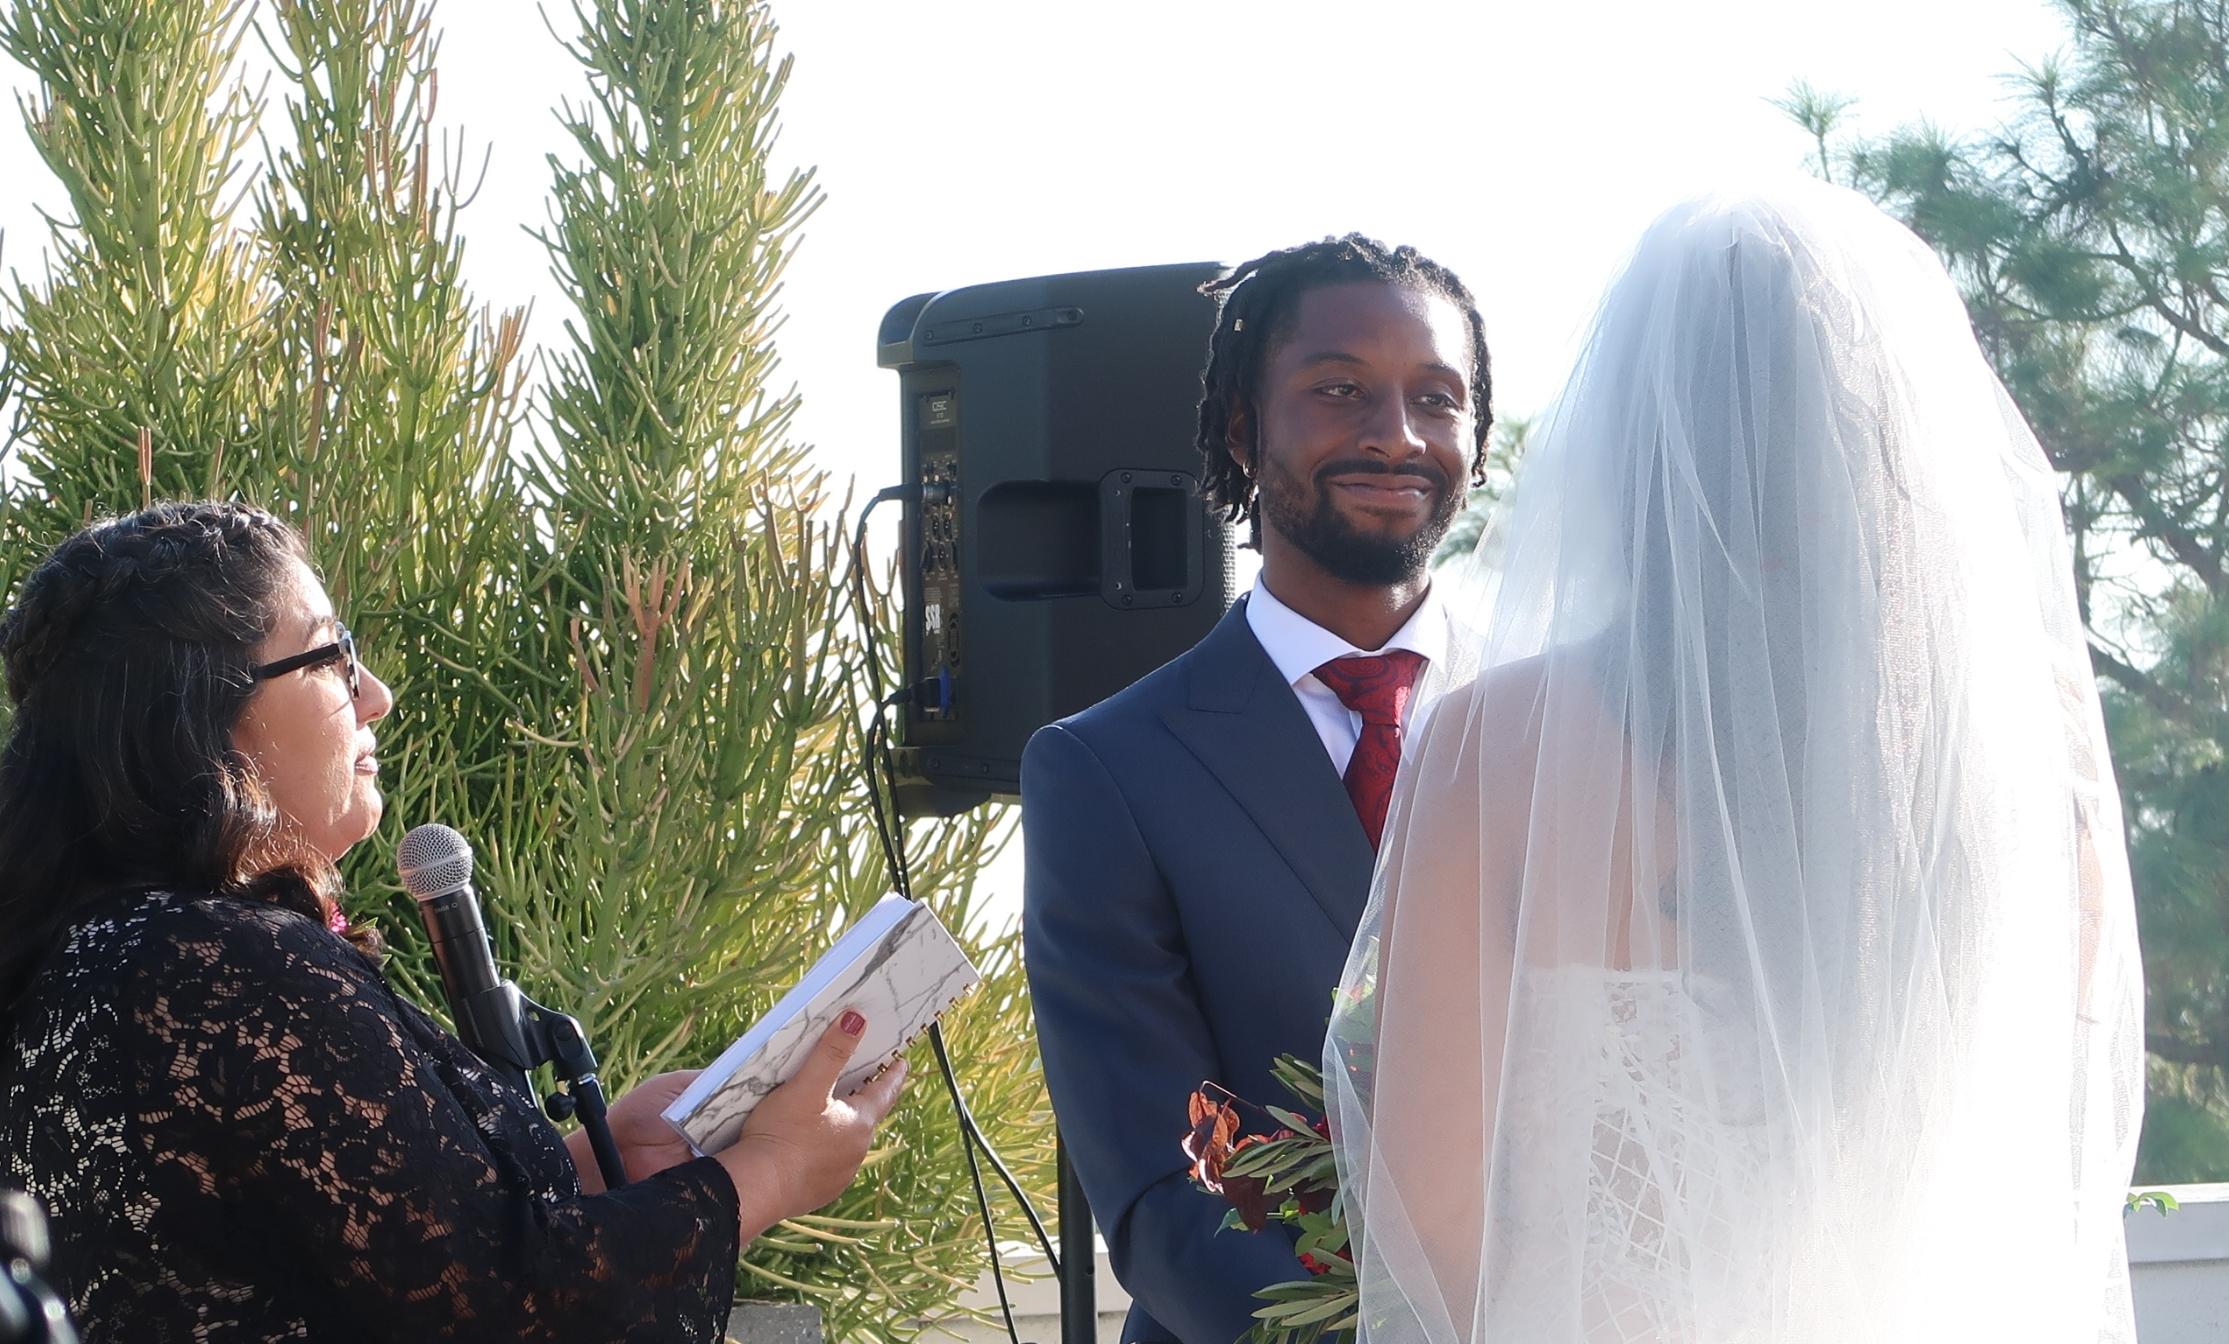 Cerritos Library Wedding Ceremony